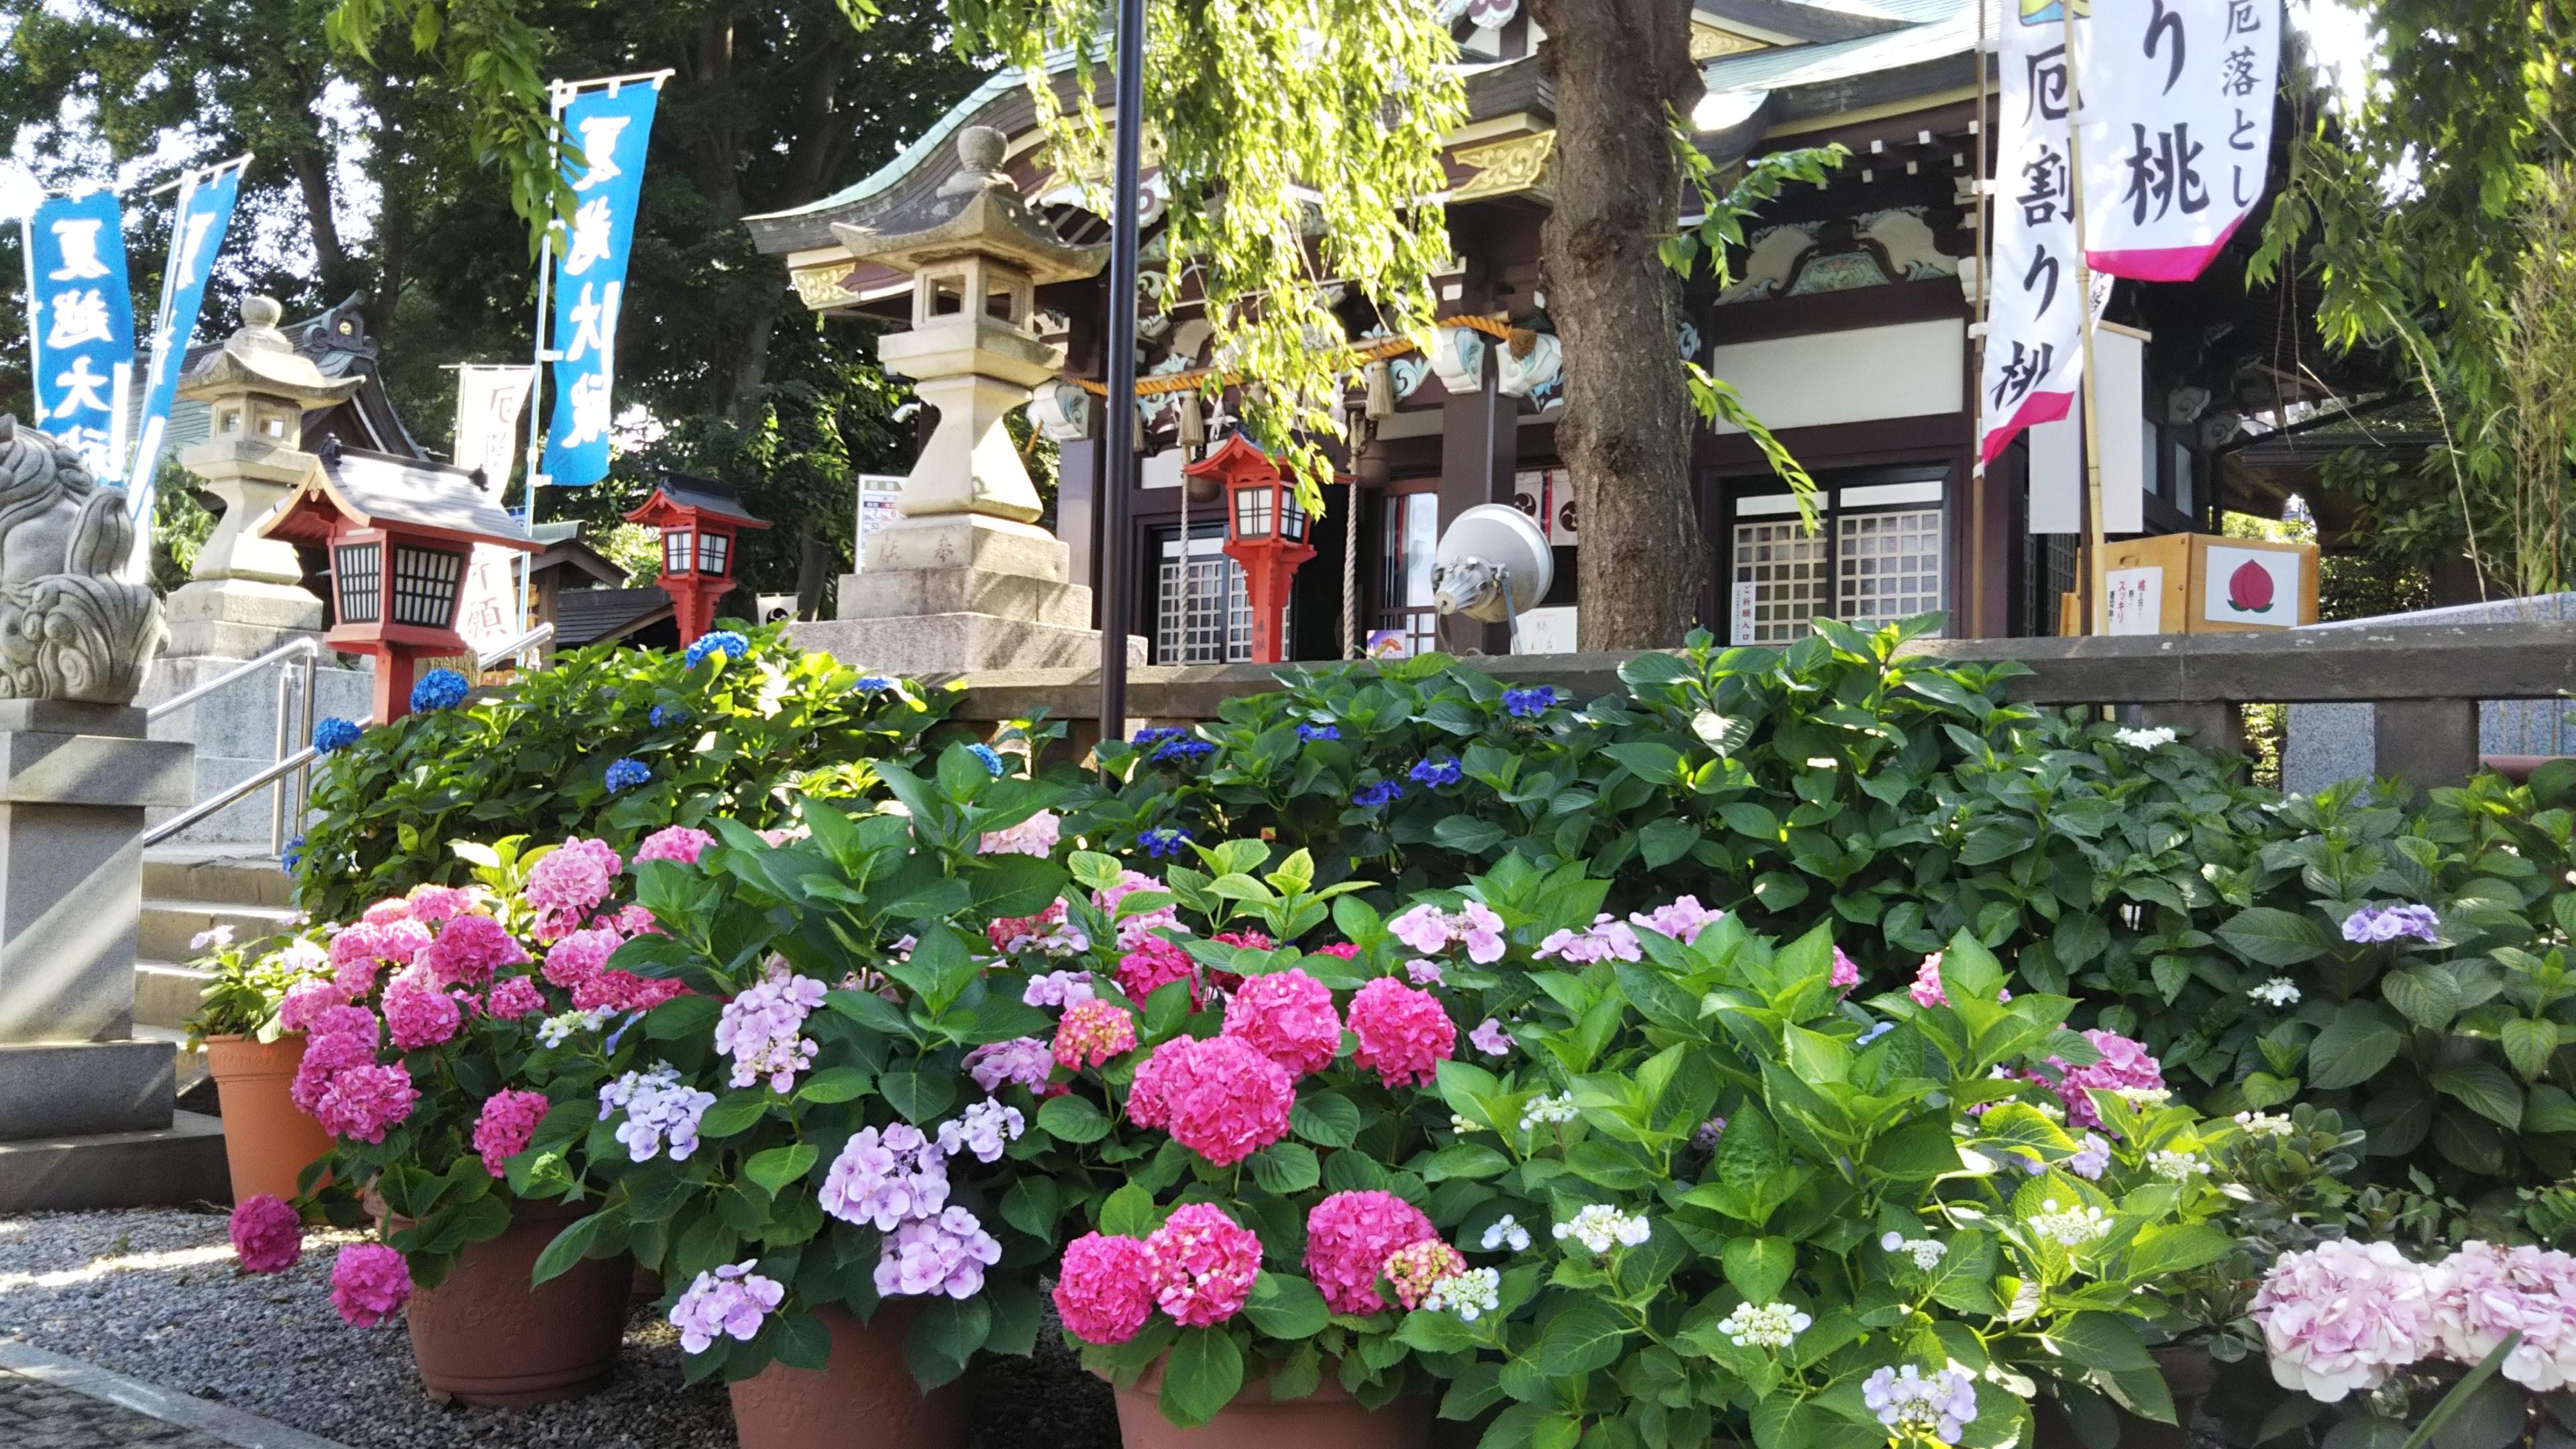 紫陽花祭 6月1日~6月30日迄